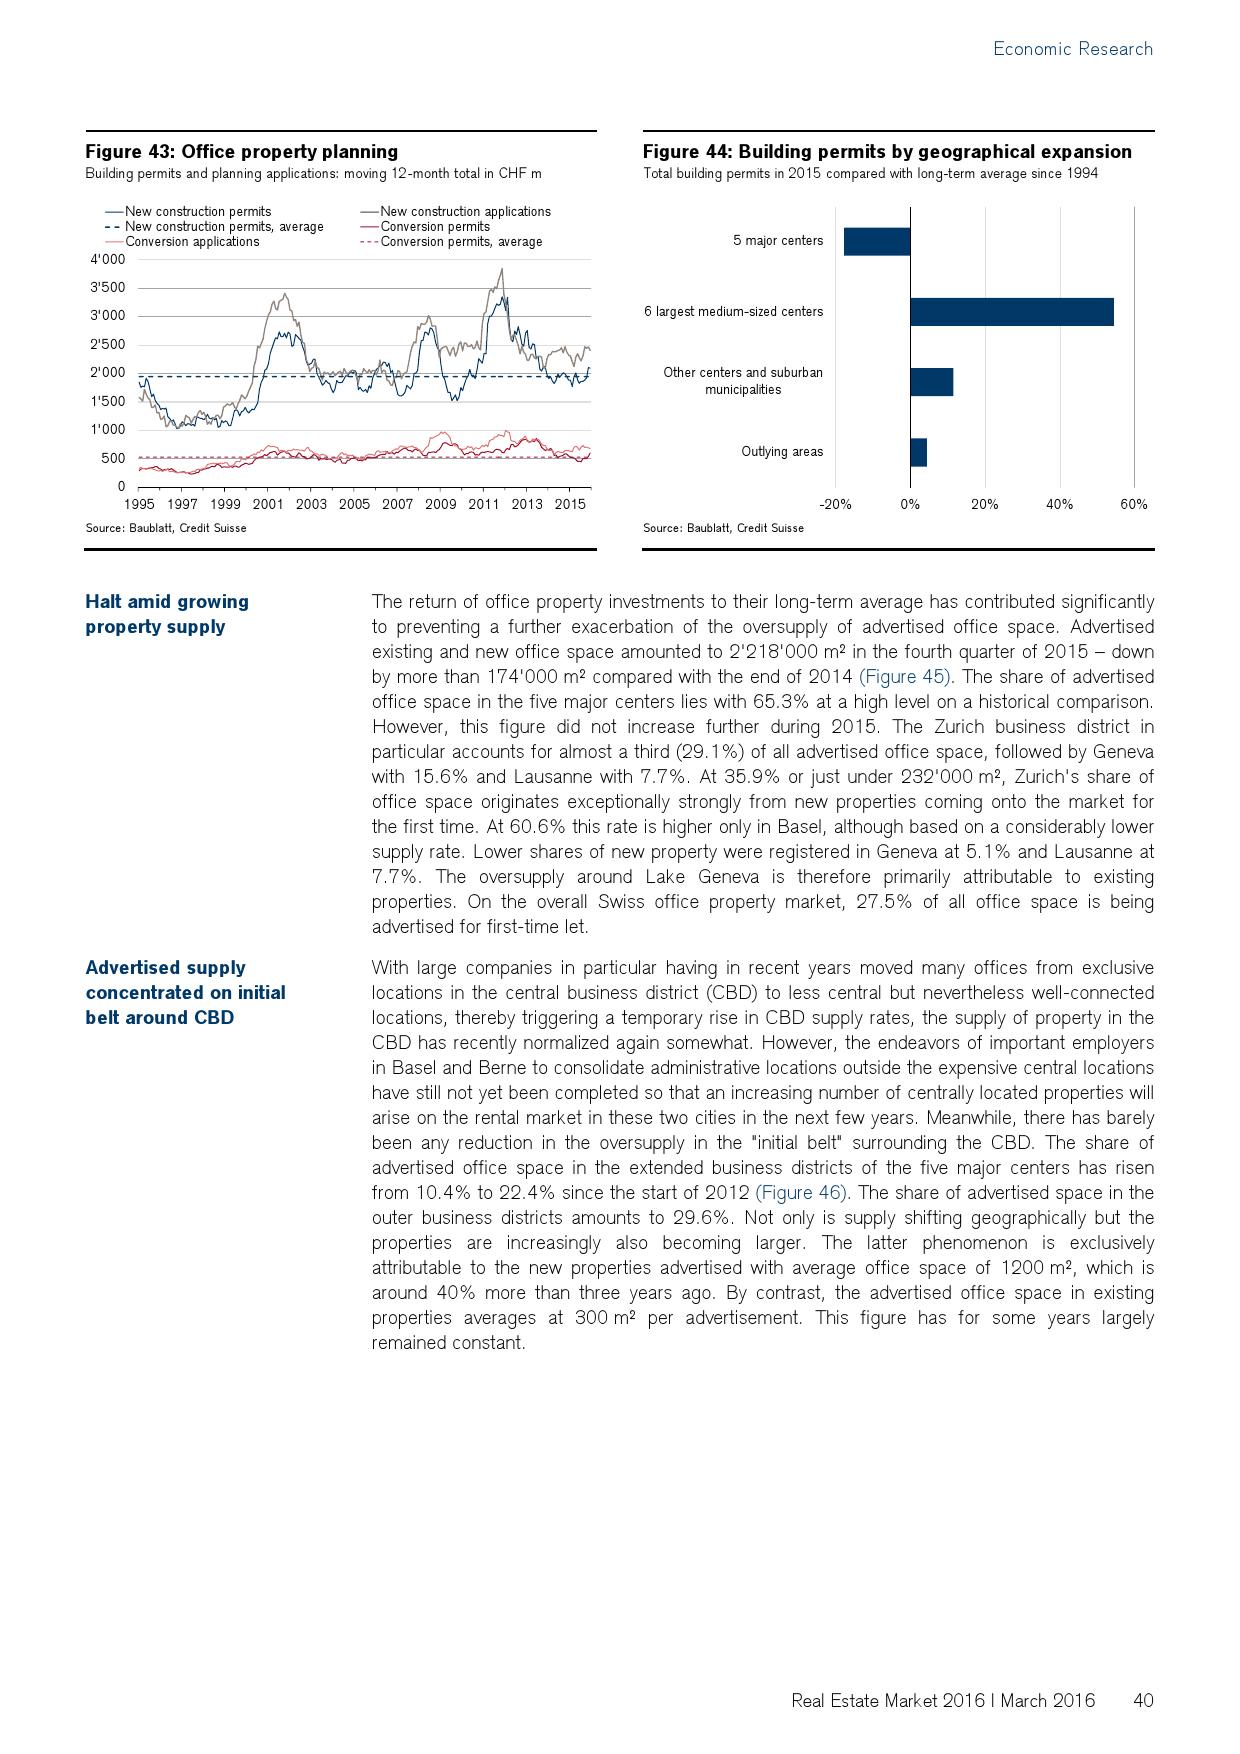 2016年瑞士房地产市场研究报告_000040